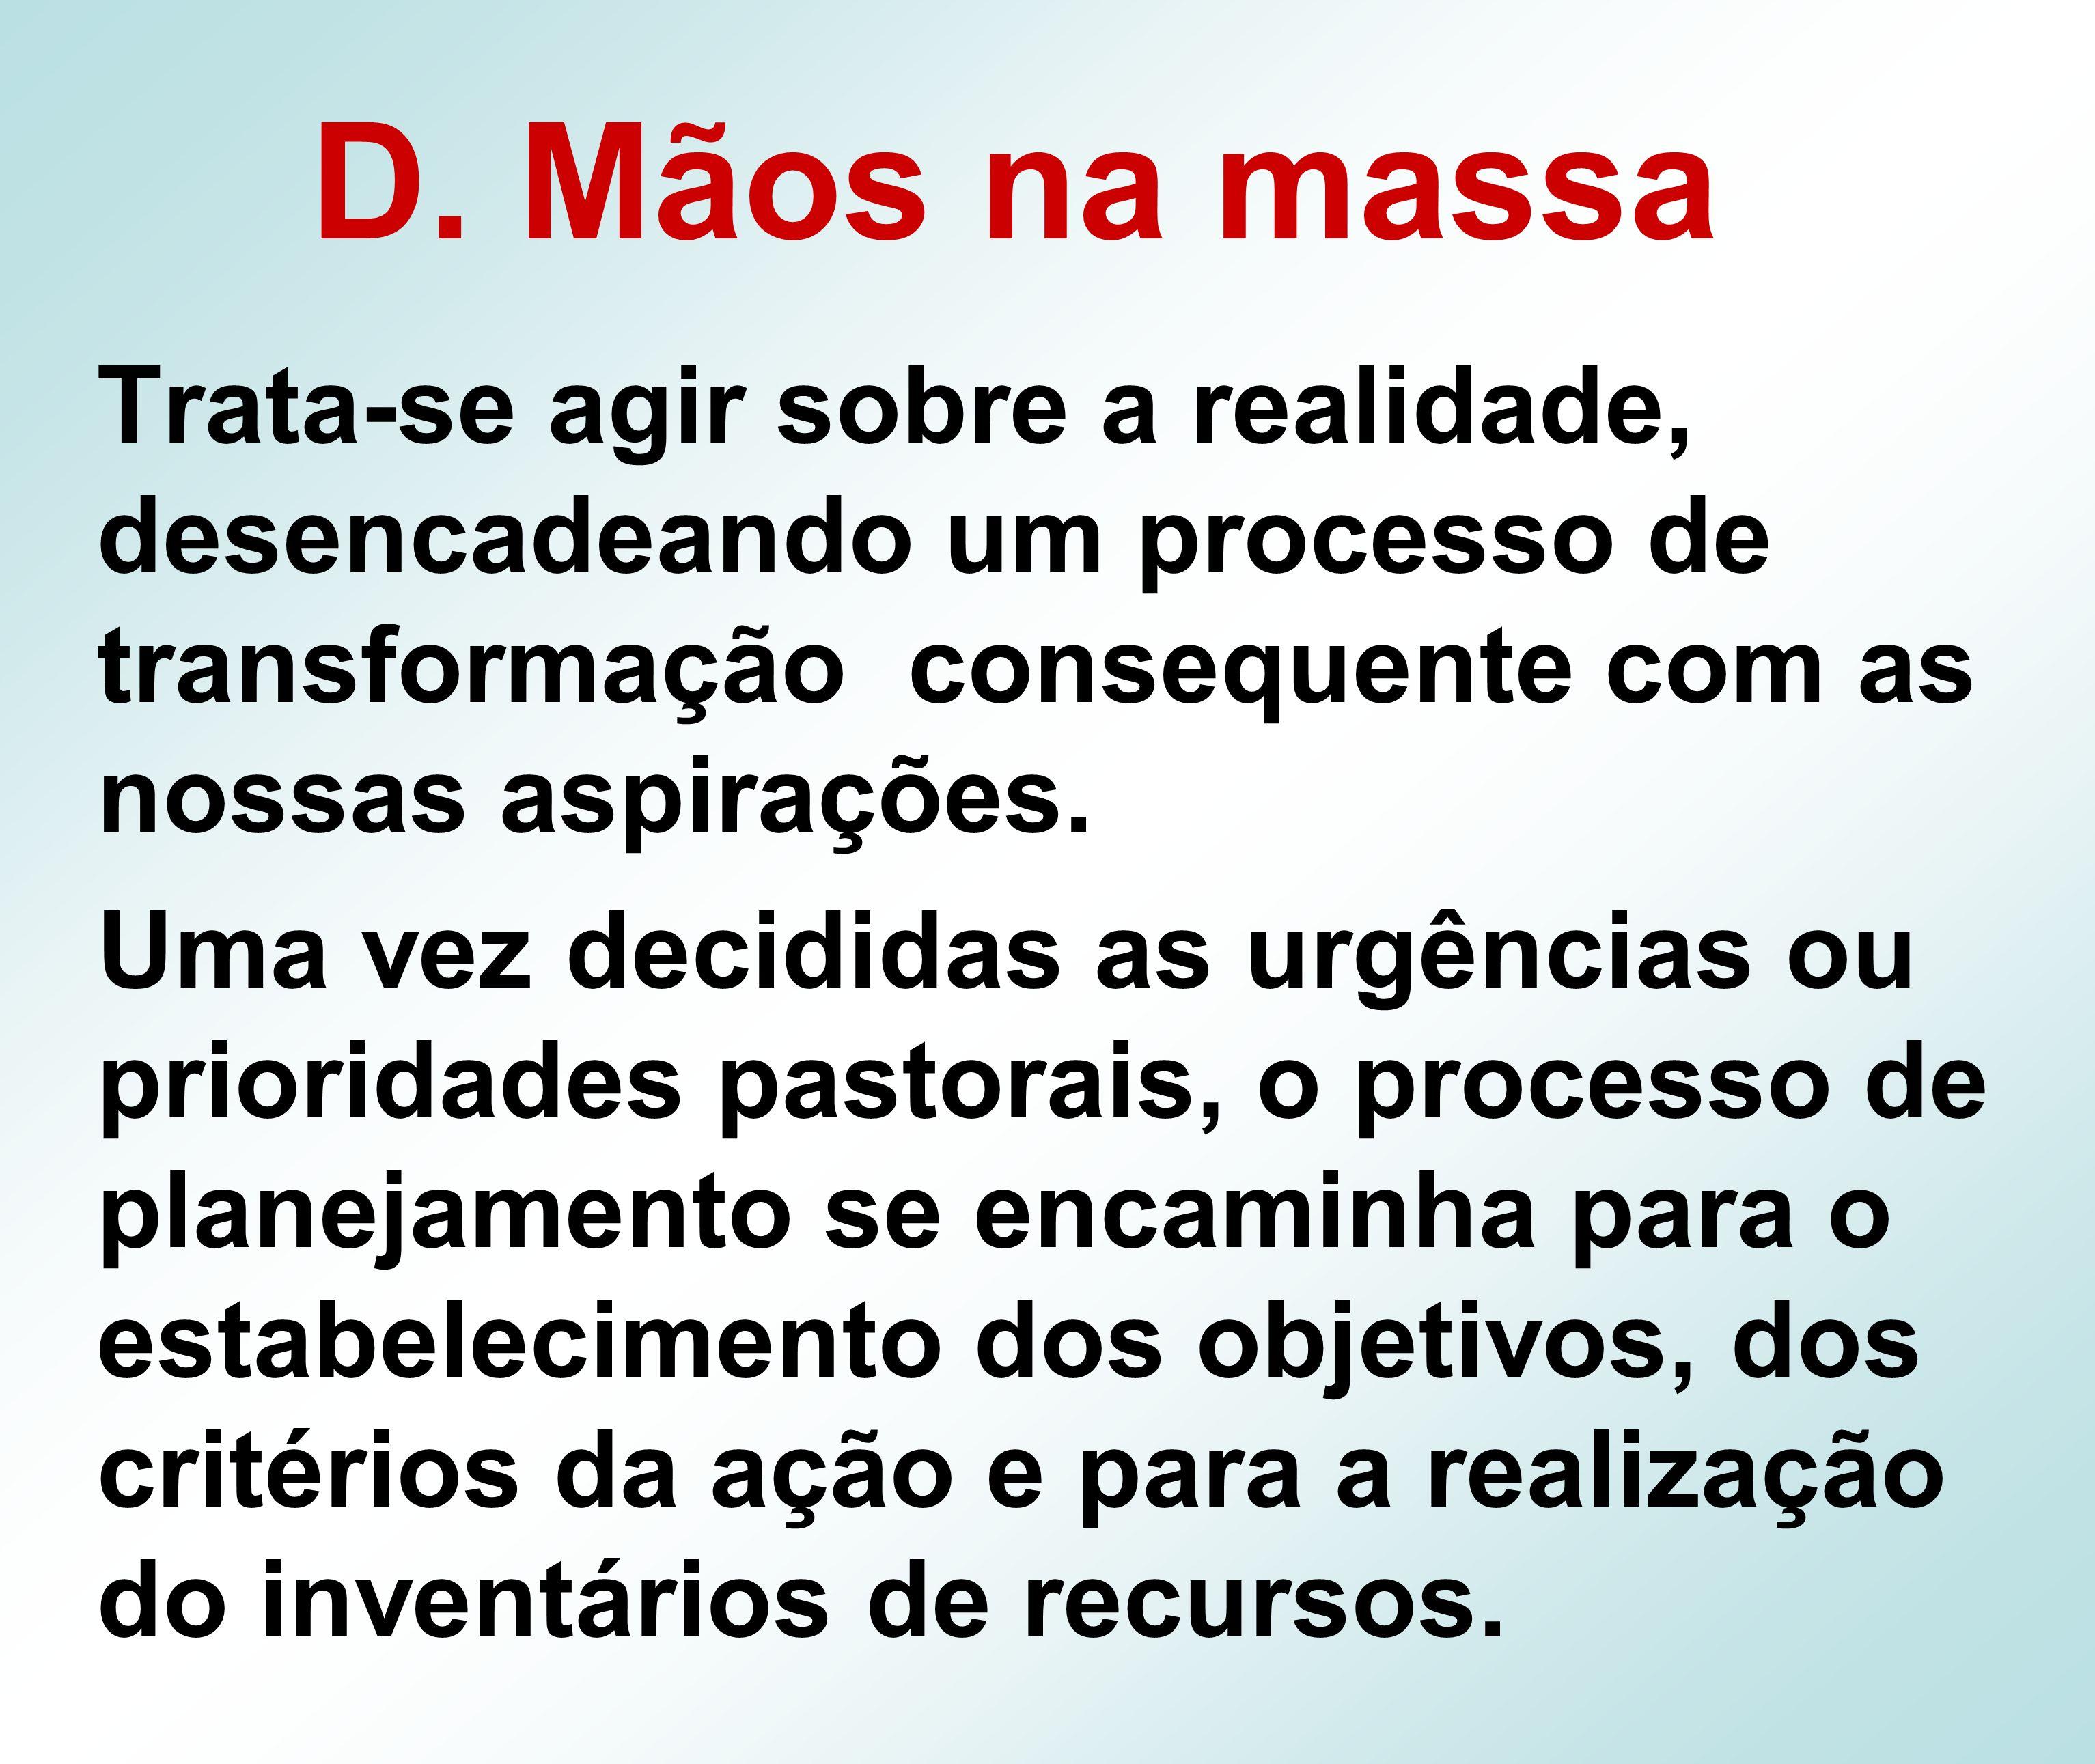 D. Mãos na massa Trata-se agir sobre a realidade, desencadeando um processo de transformação consequente com as nossas aspirações. Uma vez decididas a